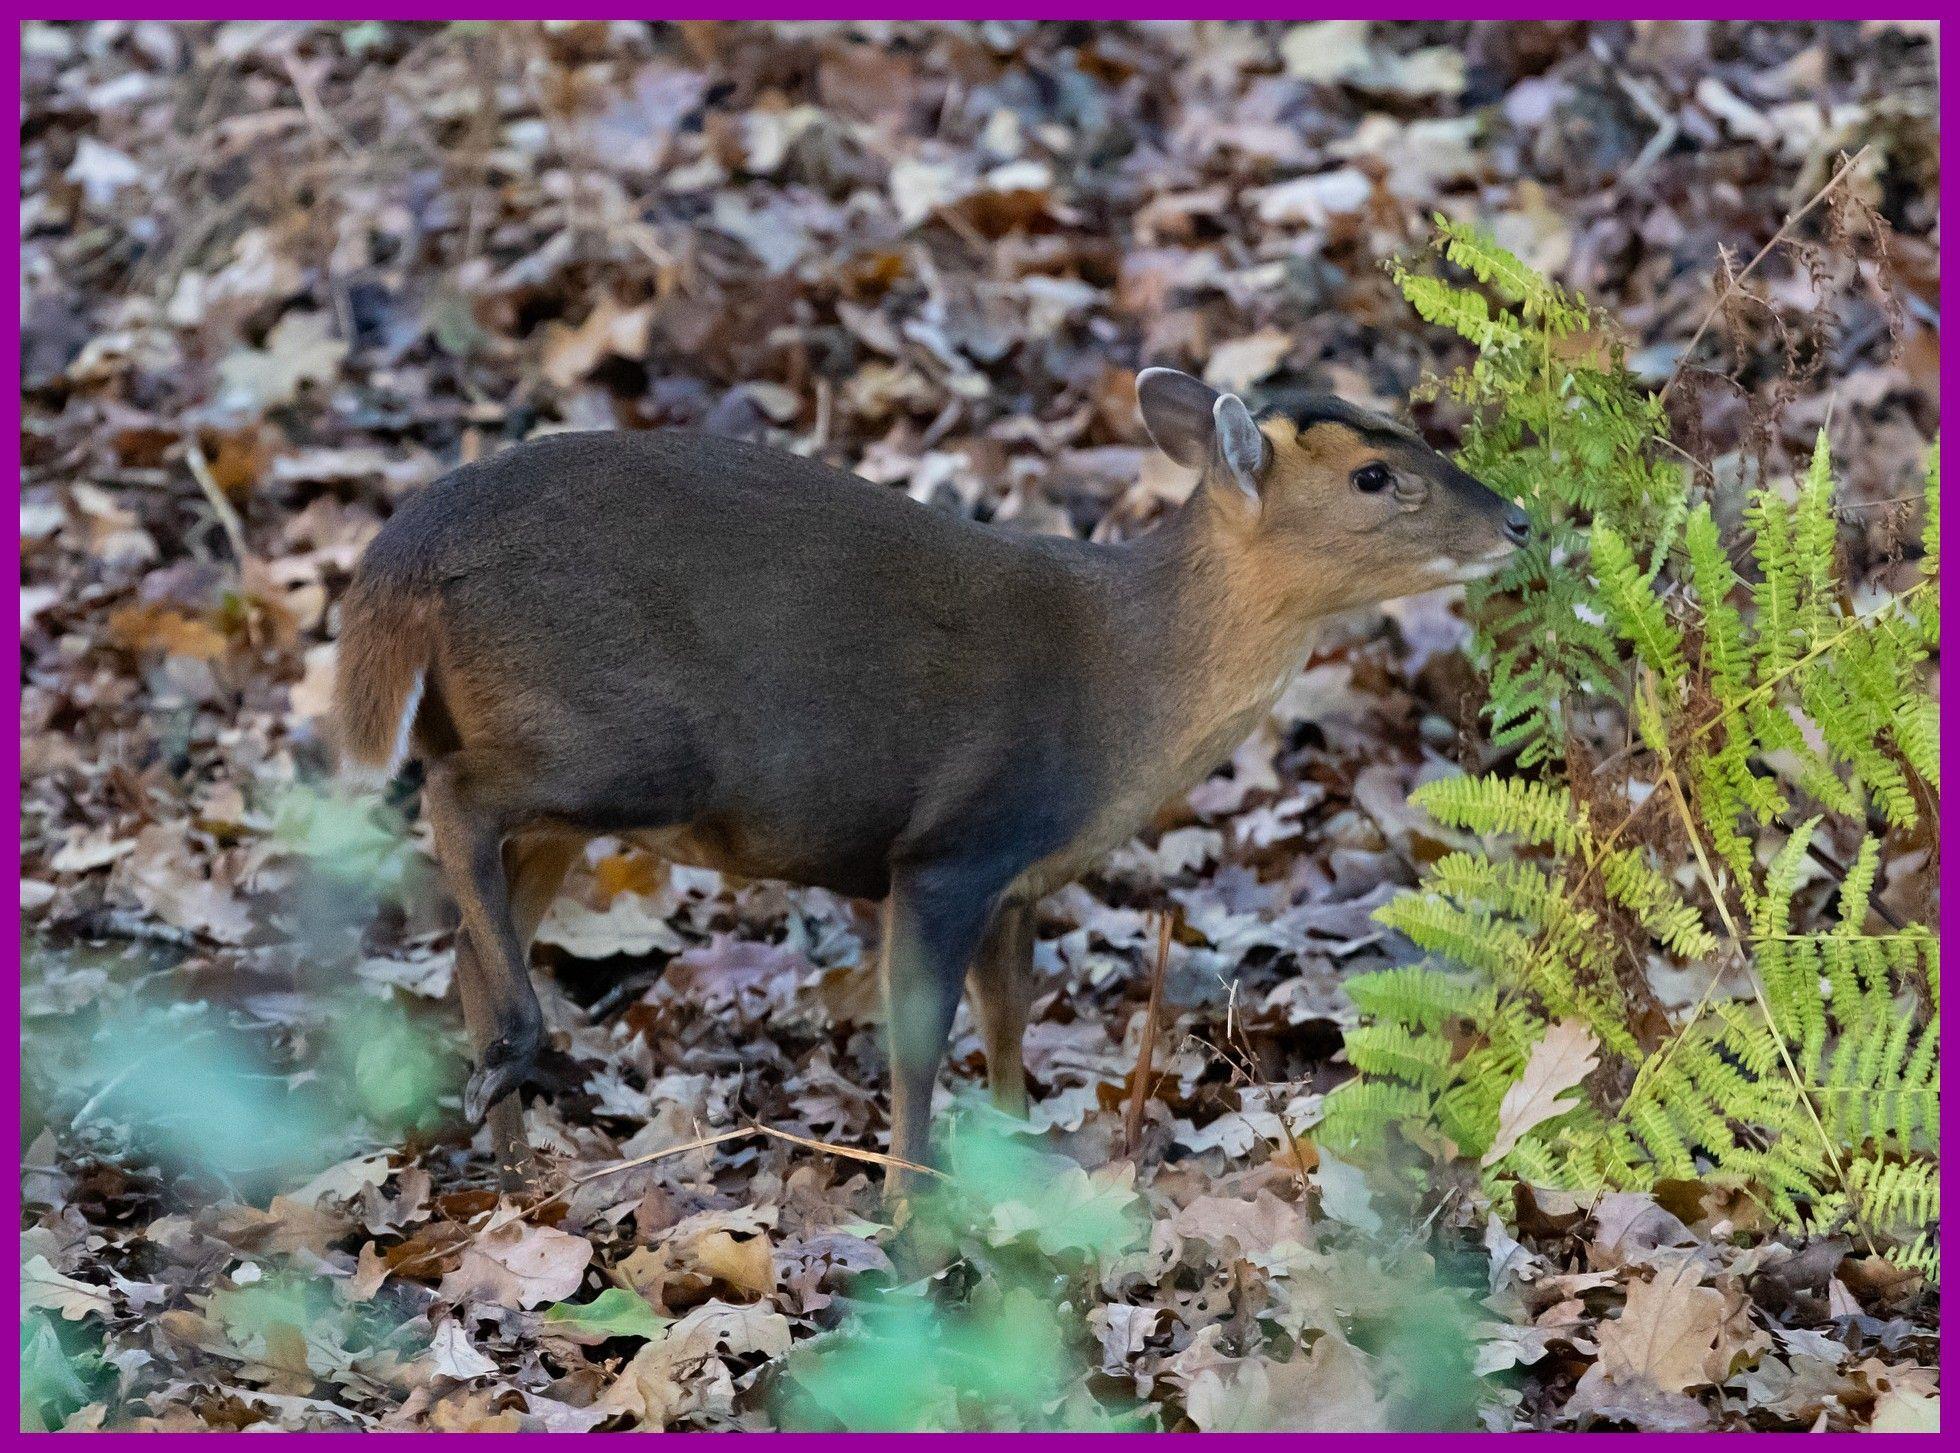 Muntjac Muntjac Deer Uk Deer Muntjac Muntjac Deer Uk Deer